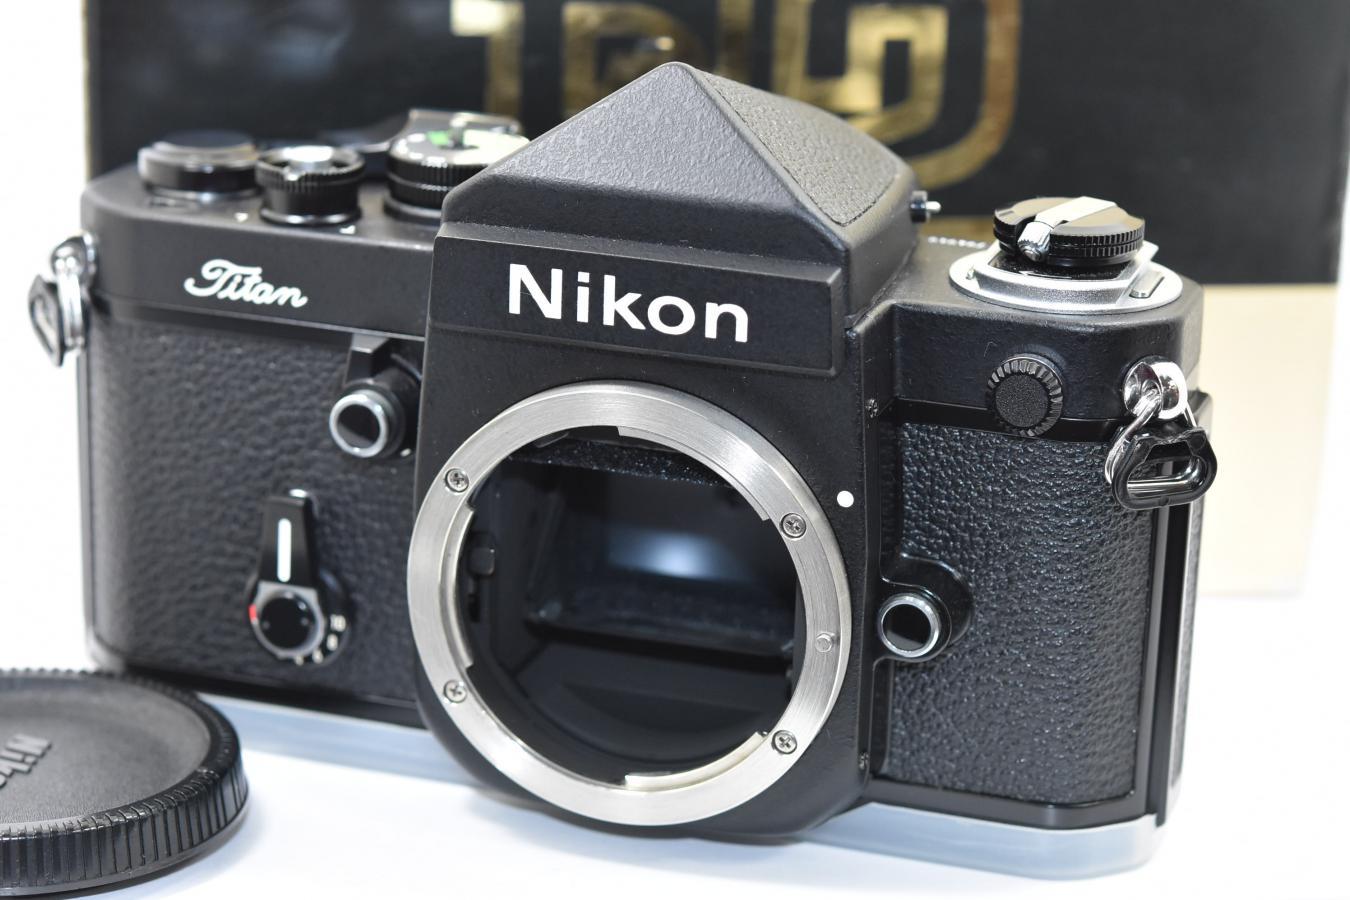 【コレクション向け】 Nikon F2チタン ネーム入り 【元箱付一式 フィルム1本も通していない】